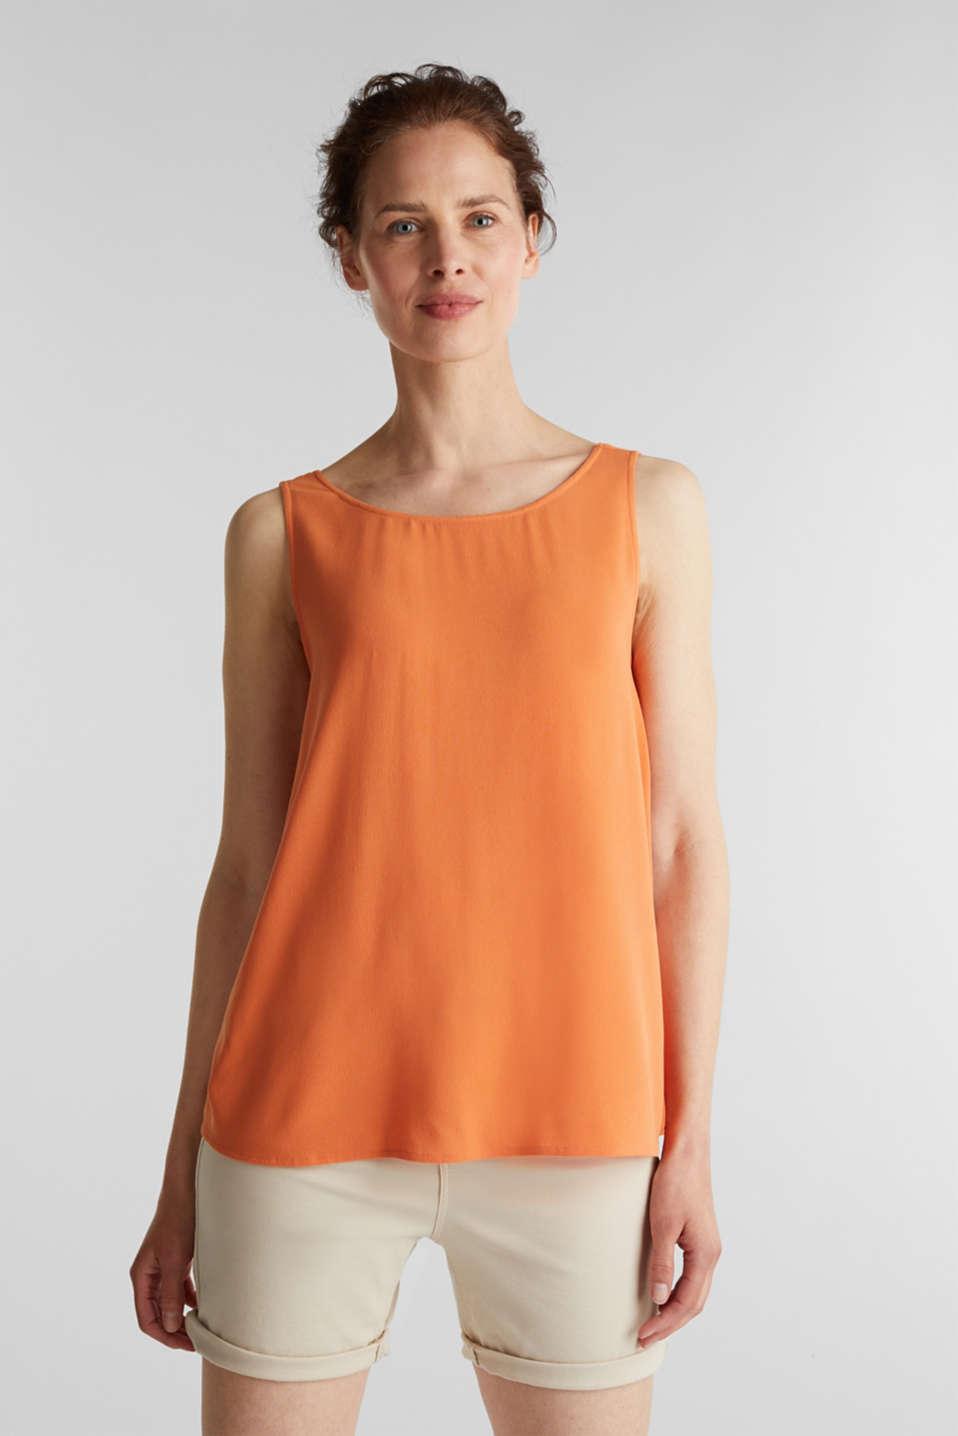 Flowing crepe blouse top, RUST ORANGE, detail image number 0